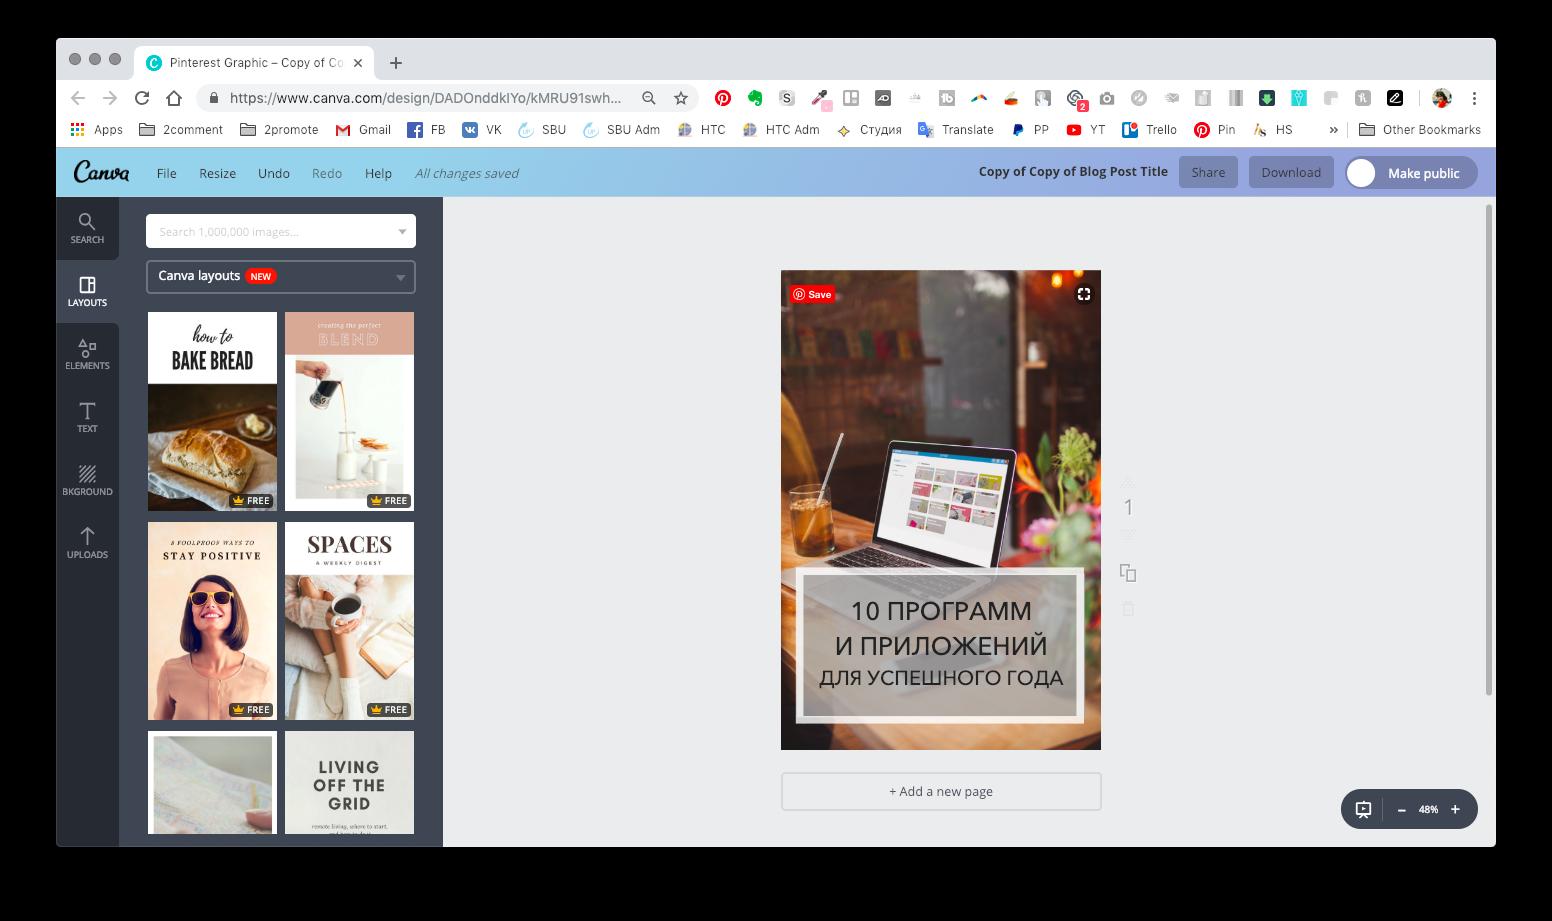 Создание вертикальной картинки для Pinterest с помощью сервиса Canva | Блог Варвары Лялягиной Start Blog Up